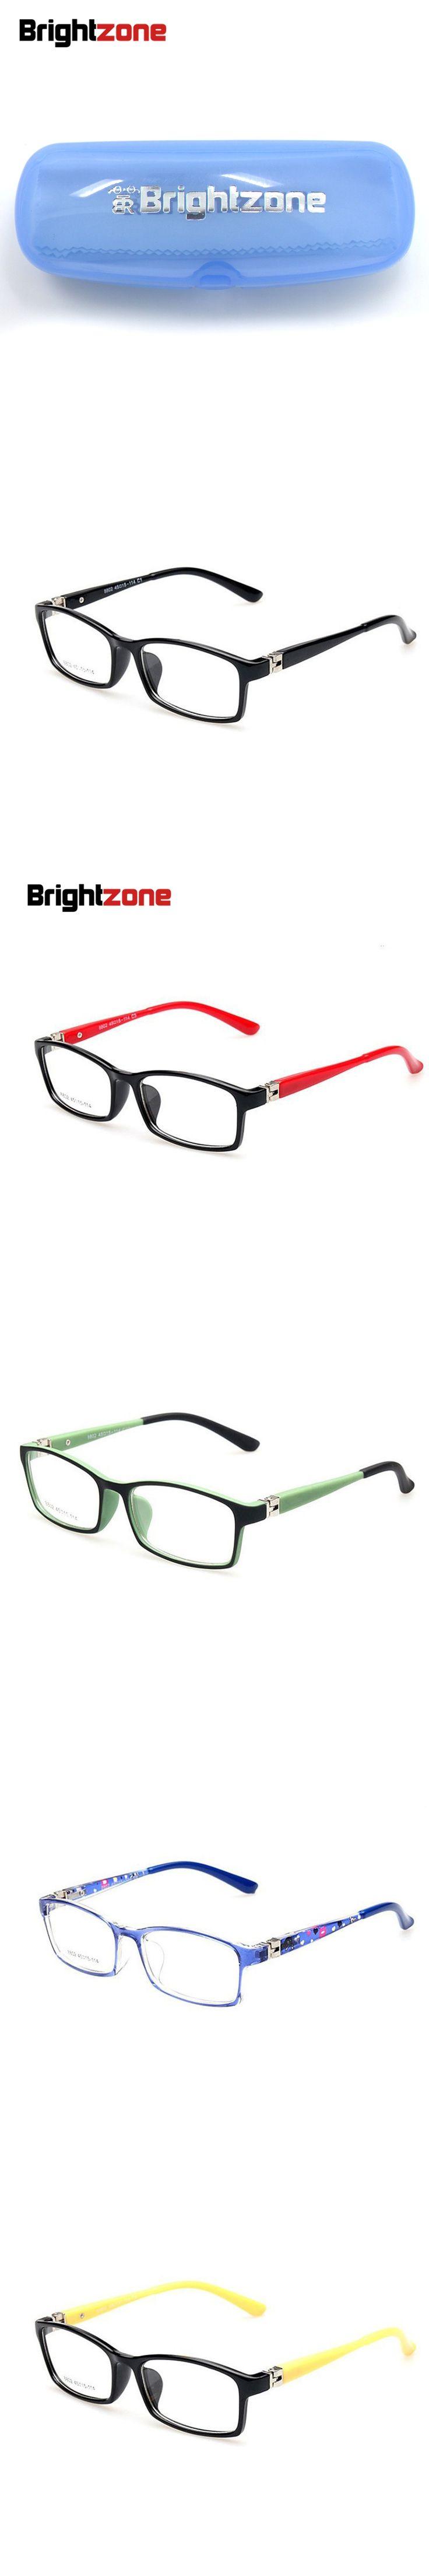 Fashion Children Eyeglasses Warm Color Kids Cool Glasses Frames Optical Frame Brand Designer For Boys And Girls Bend Quality